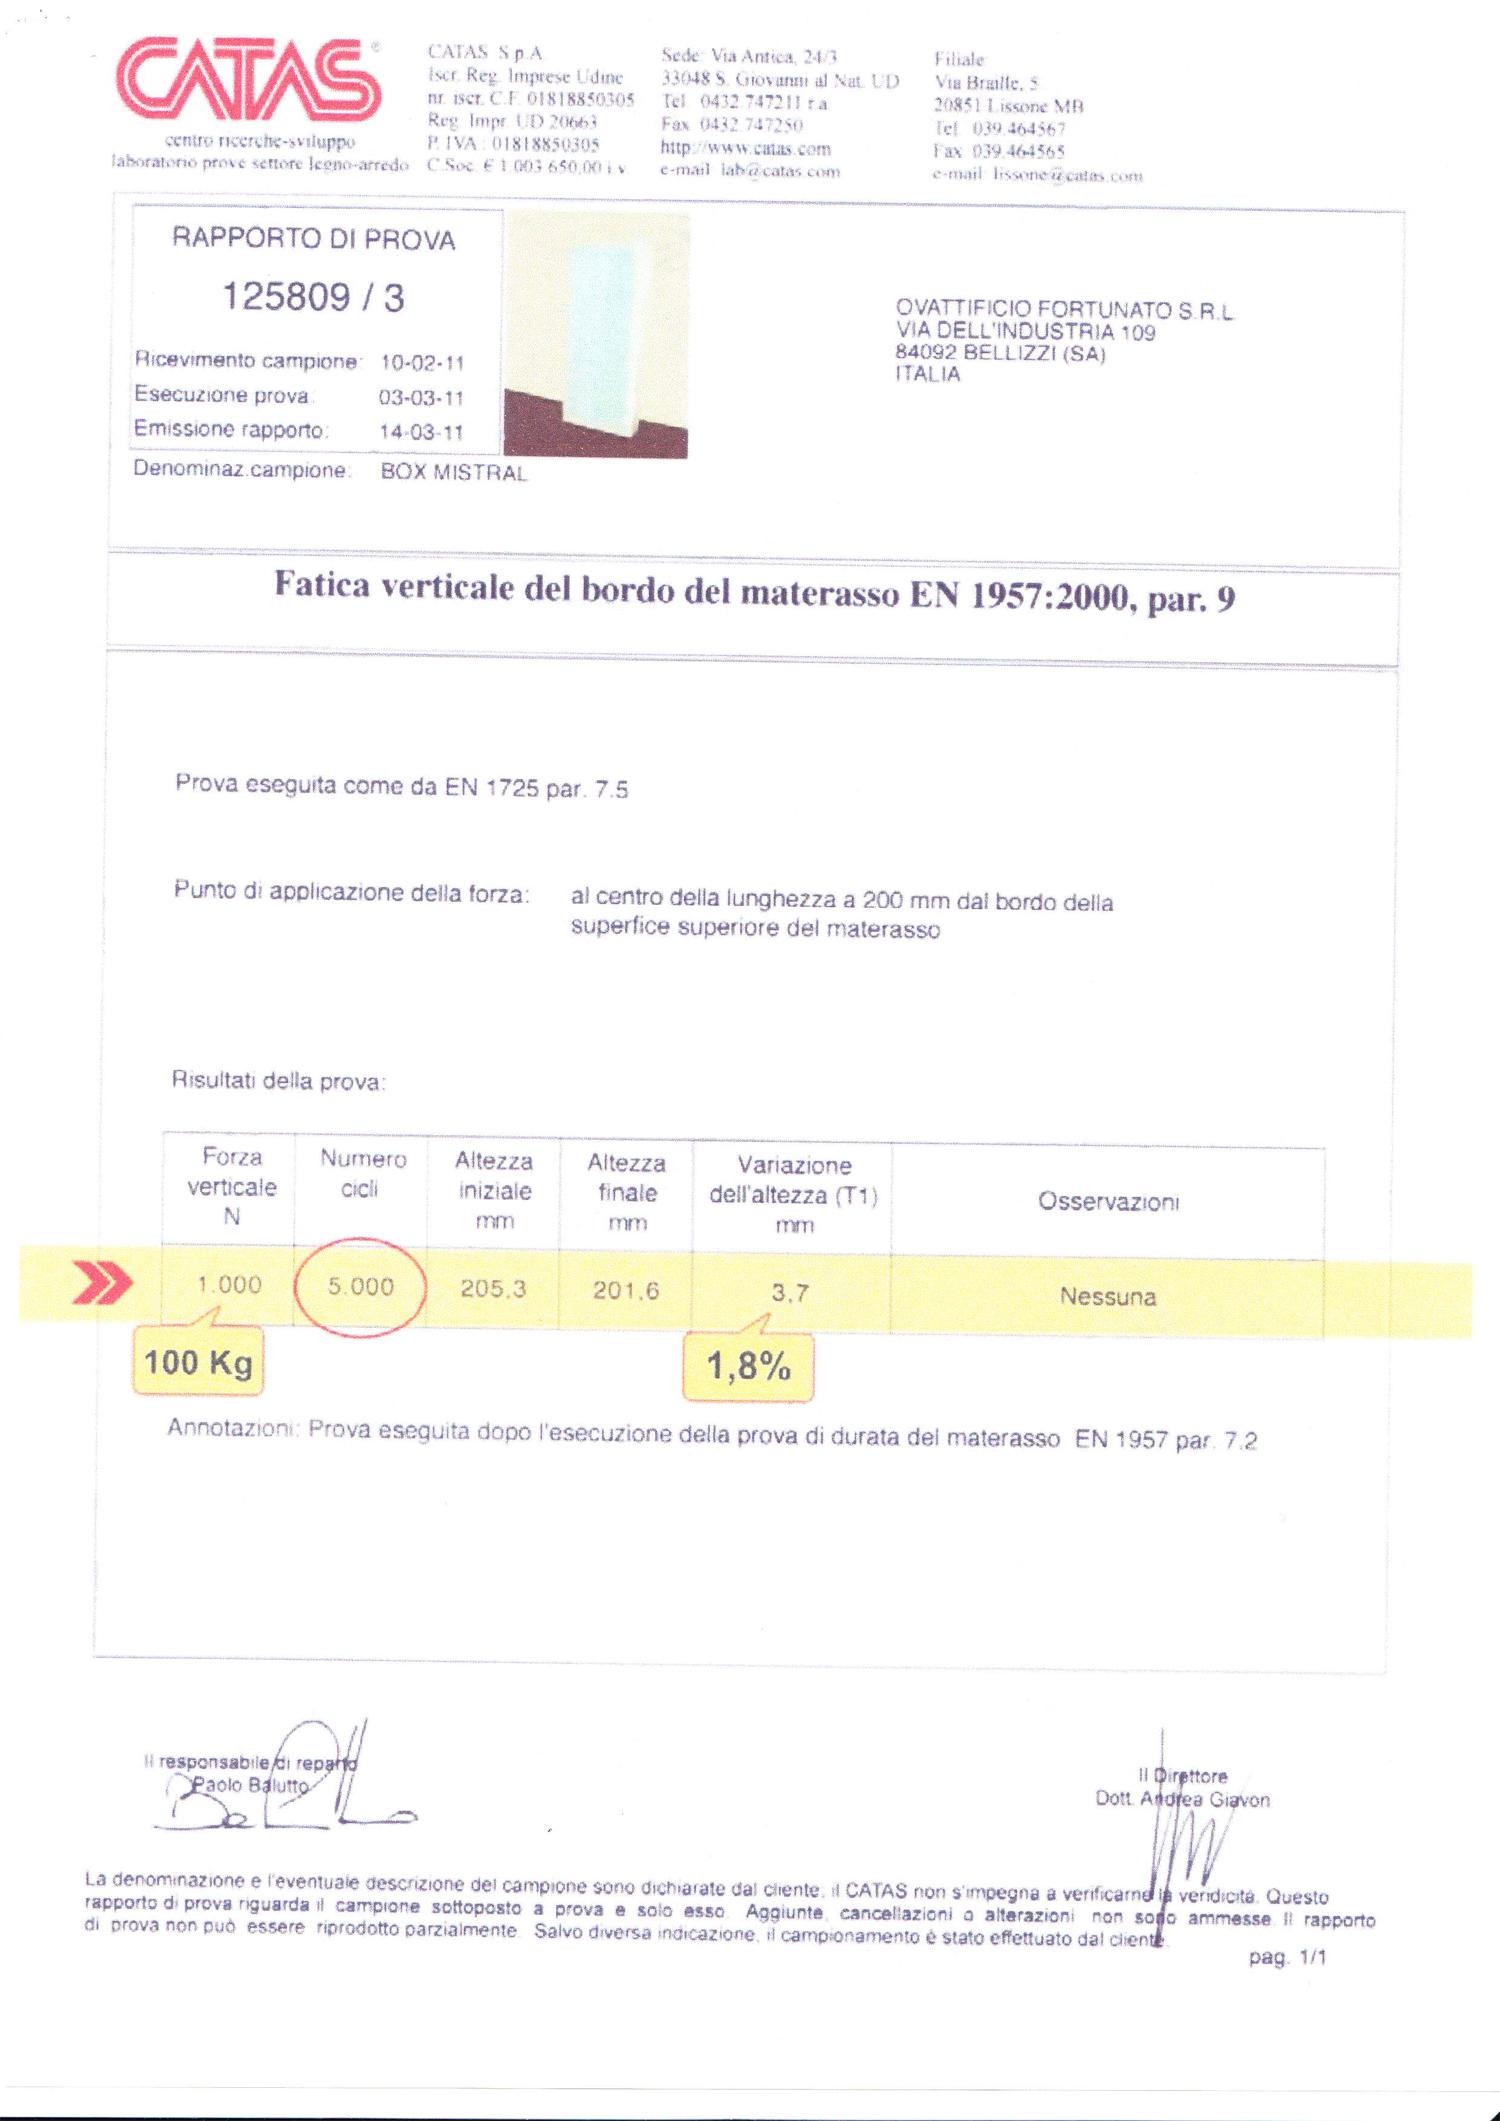 Certyfikat CATAS 2